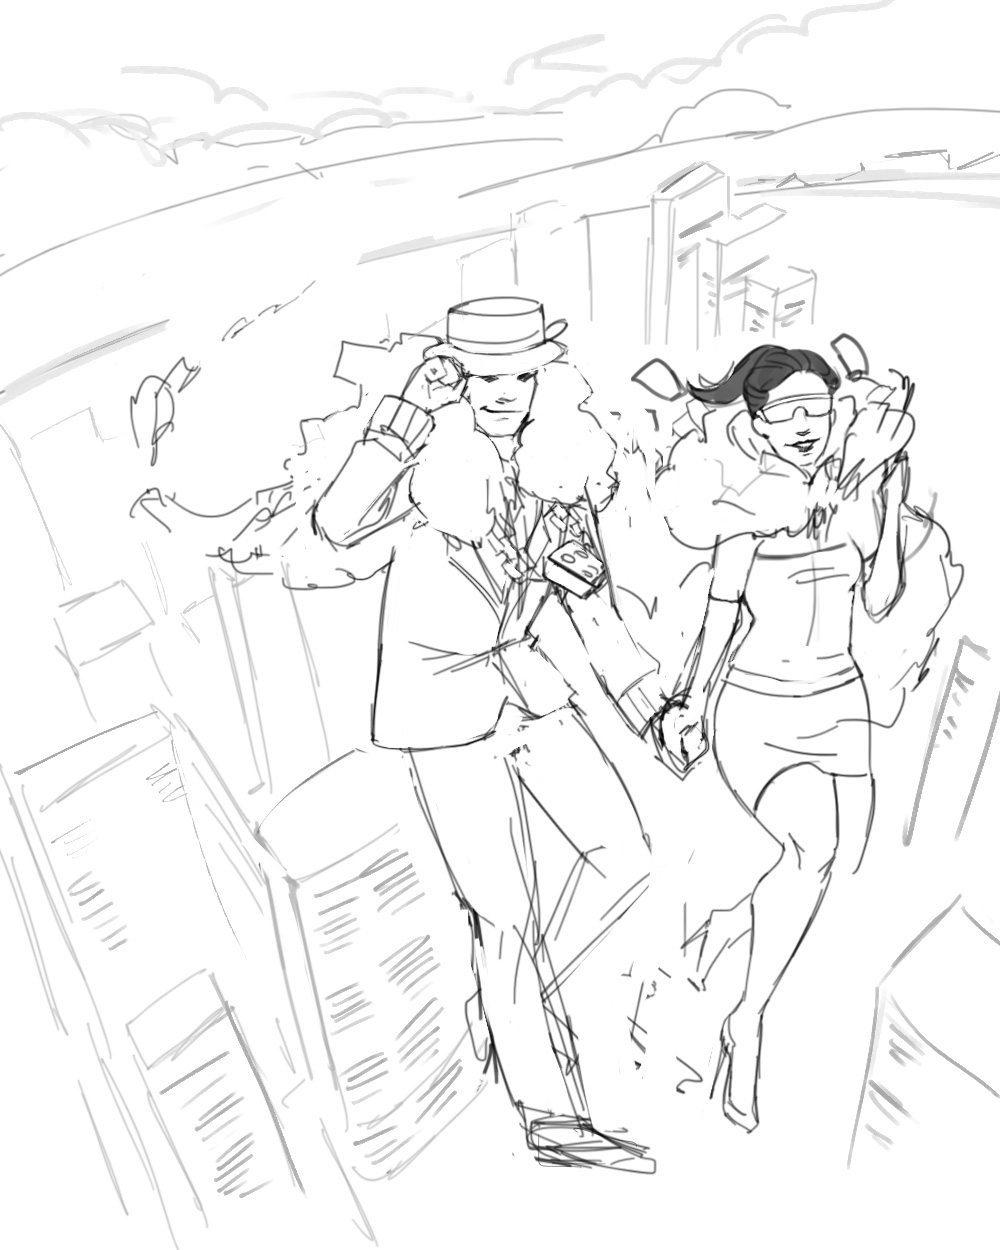 Draft Portrait of Simoney and Cashley via ArtCorgi